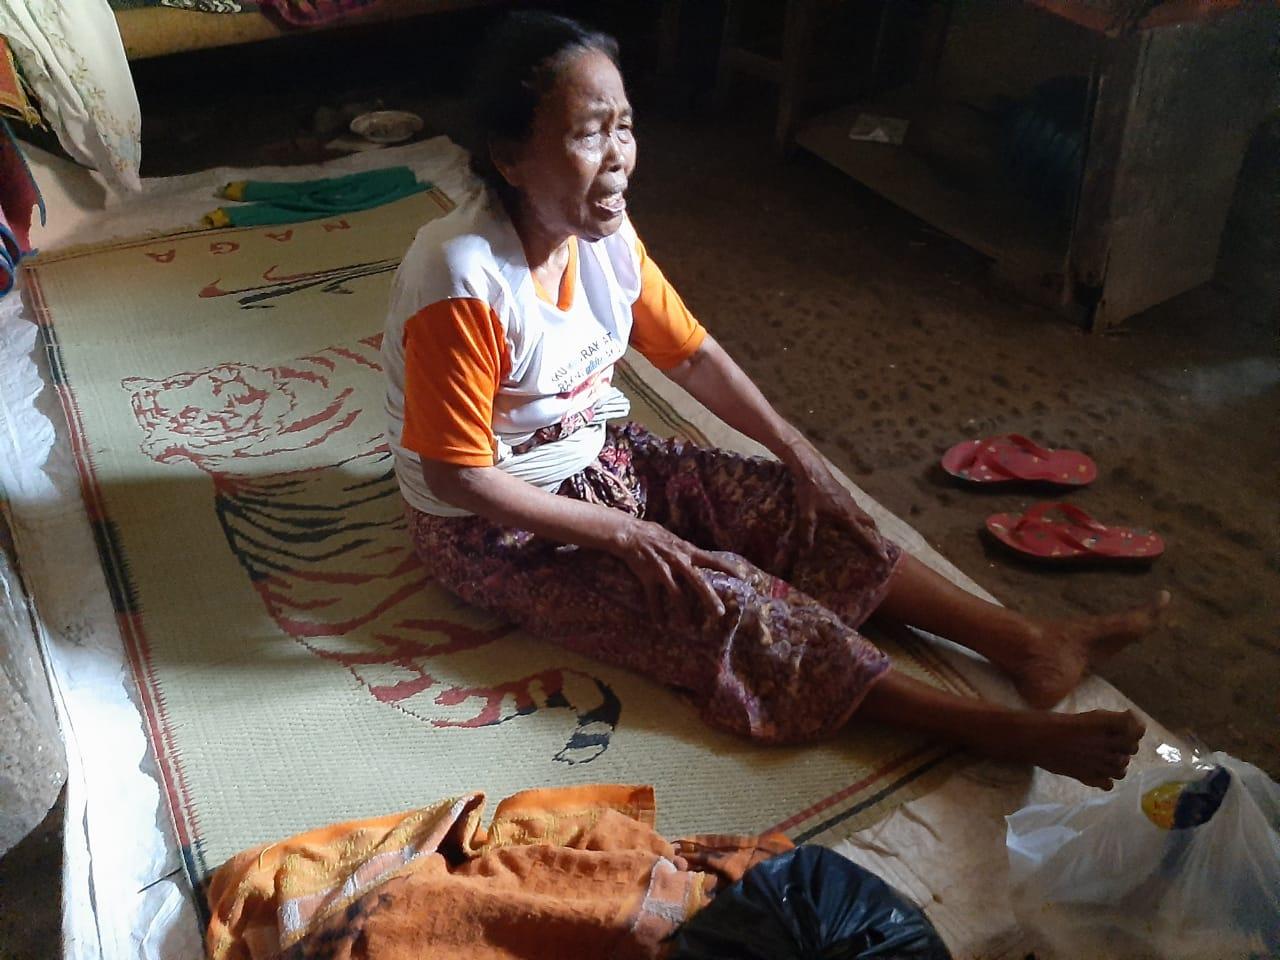 Nenek Rusmini Hidup Sebatang Kara Di Rumah Reyot Tak Dapat Bantuan